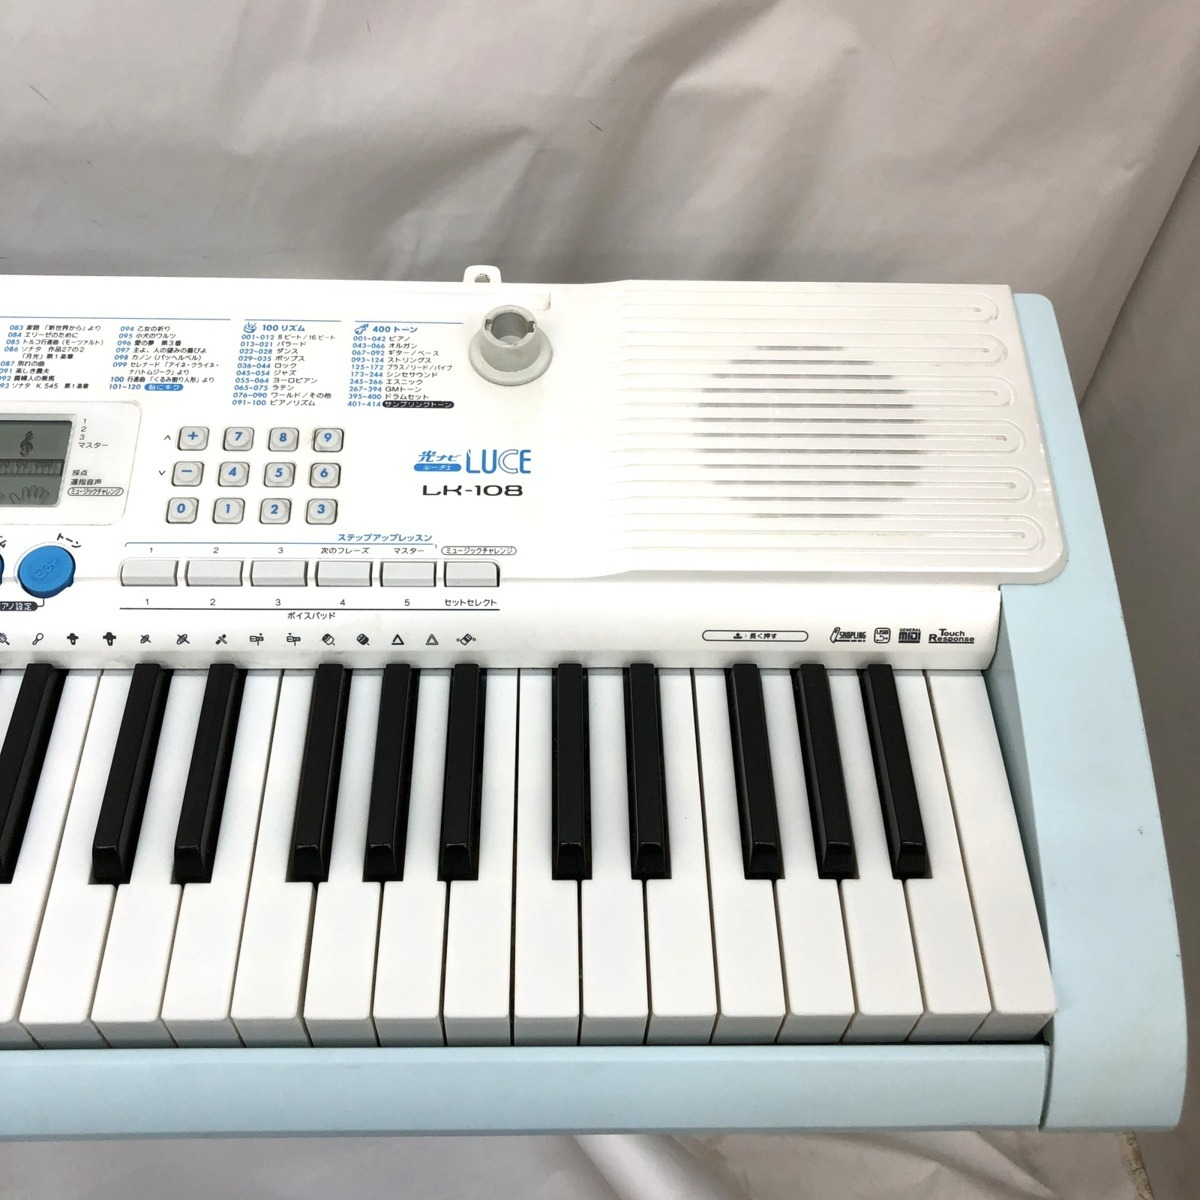 中古 CASIO カシオ 電子キーボード 光ナビゲーション LK-108 61鍵盤 ホワイト ライトブルー タッチレスポンス 電子ピアノ H15123_画像7